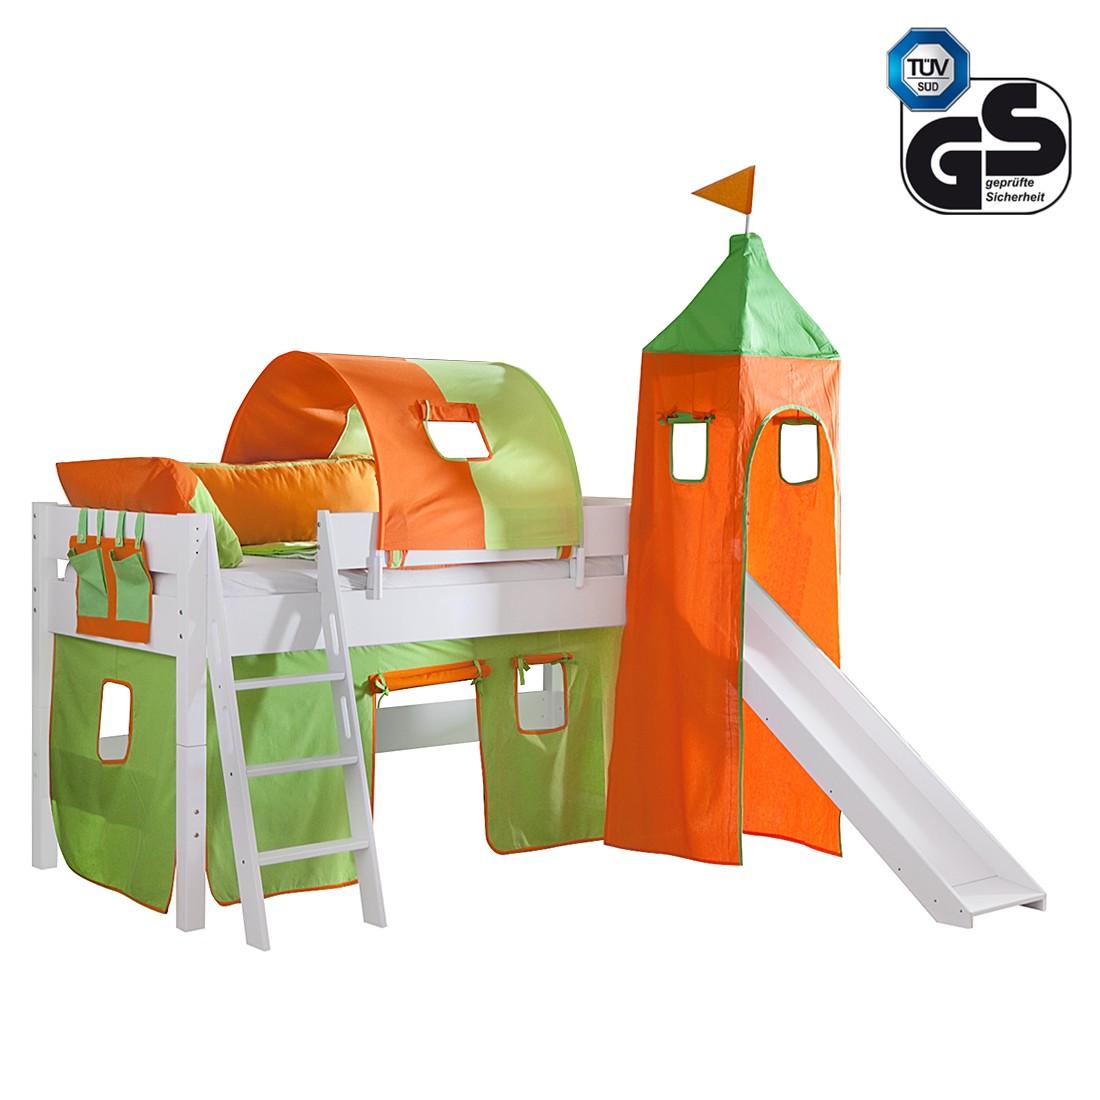 Halbhohes Spielbett Kim - Buche massiv/Weiß - Textilset Grün/Orange, Relita